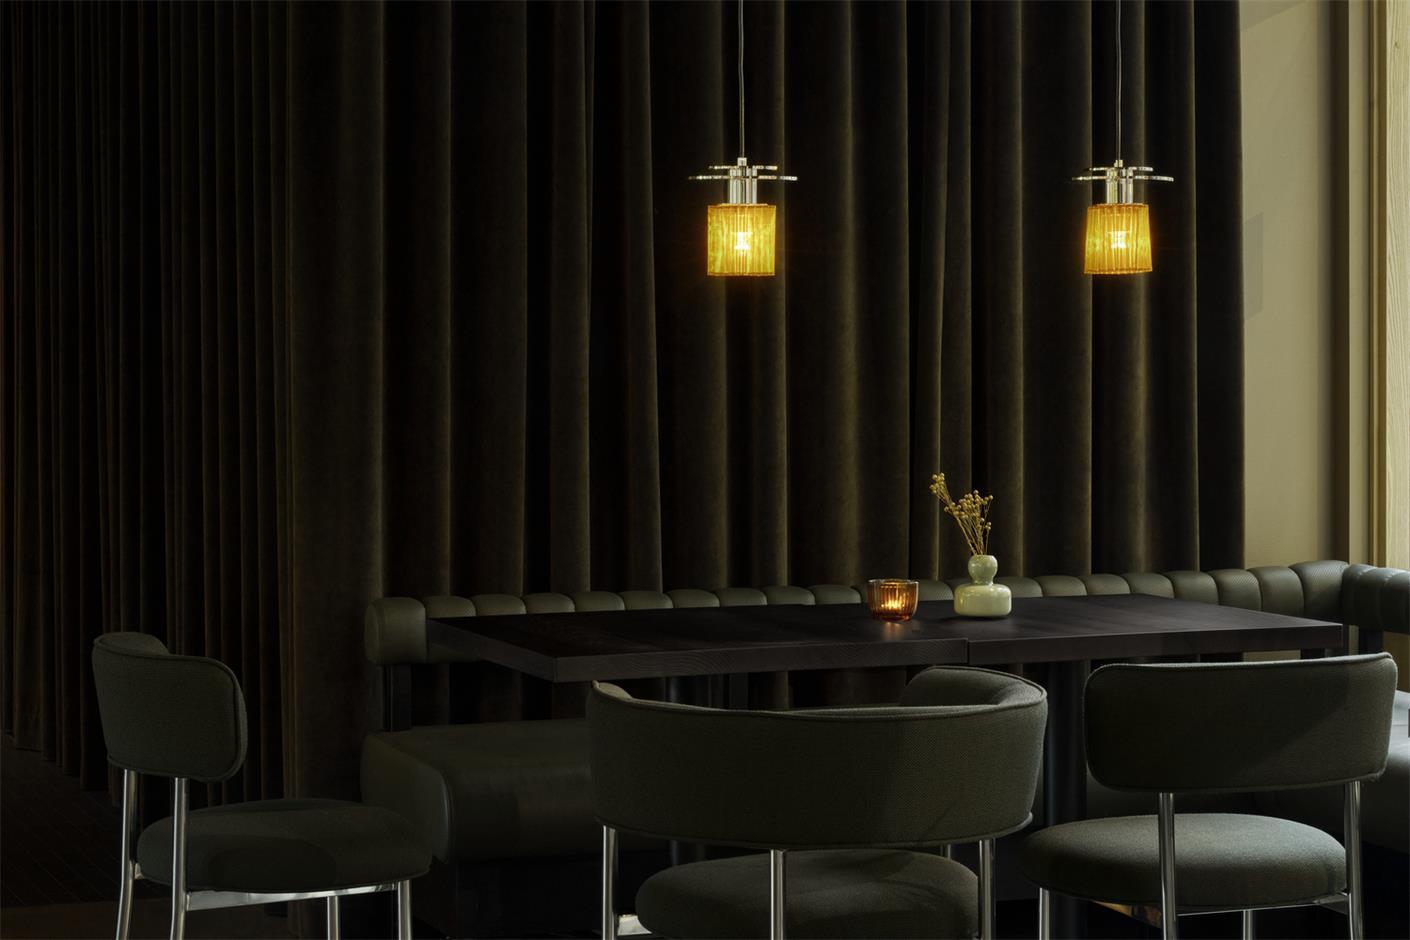 酒店酒吧灯具及拉帘设计